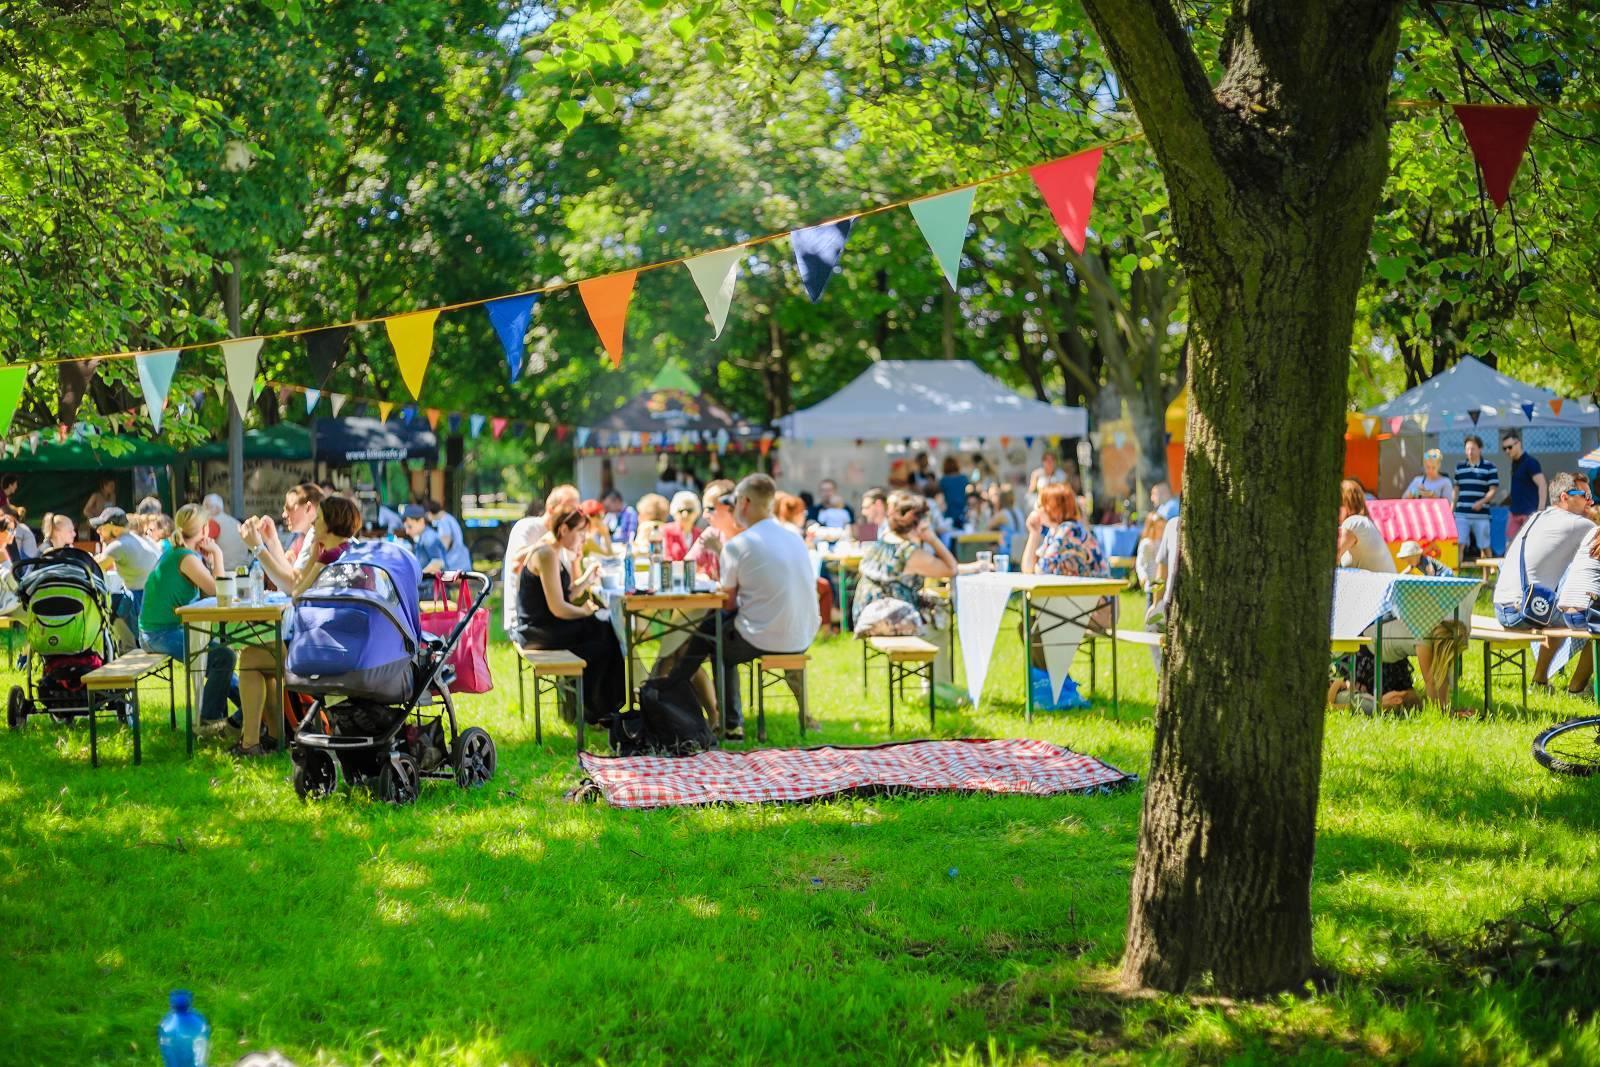 Ludzie piknikujący w parku przy stolikach, w tle namioty z jedzeniem.